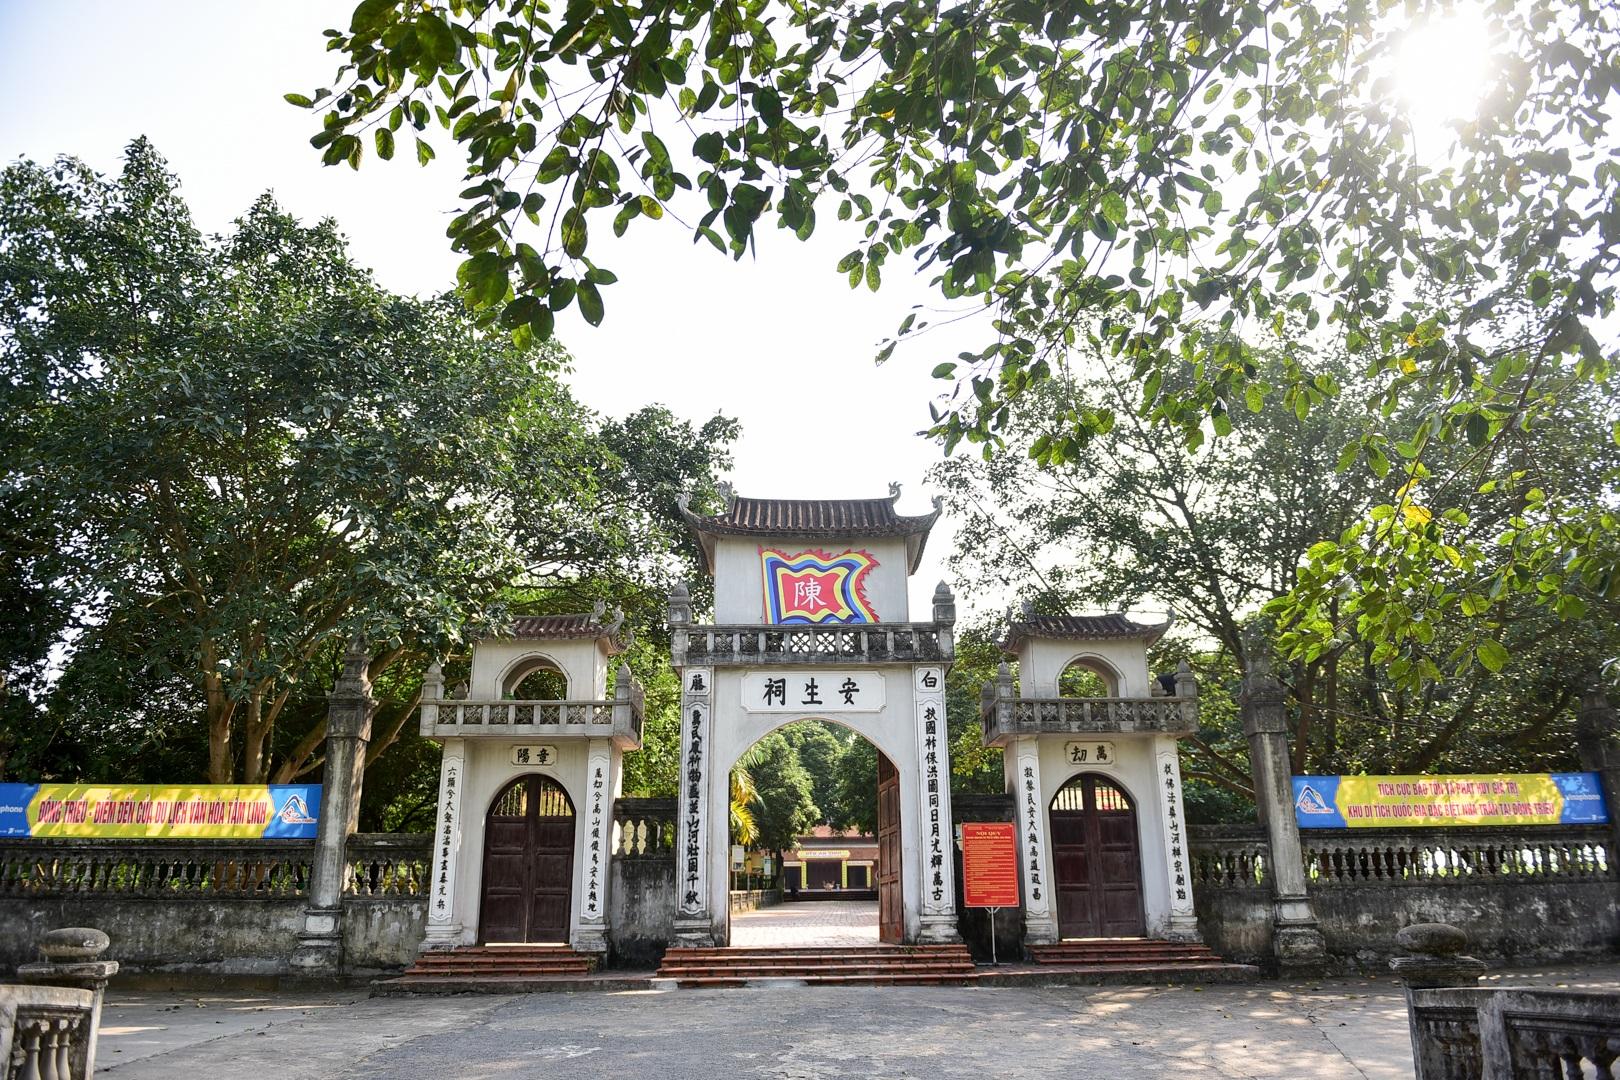 Chiêm ngưỡng ngôi đền 600 năm tuổi thờ 8 vị vua triều Trần - 2